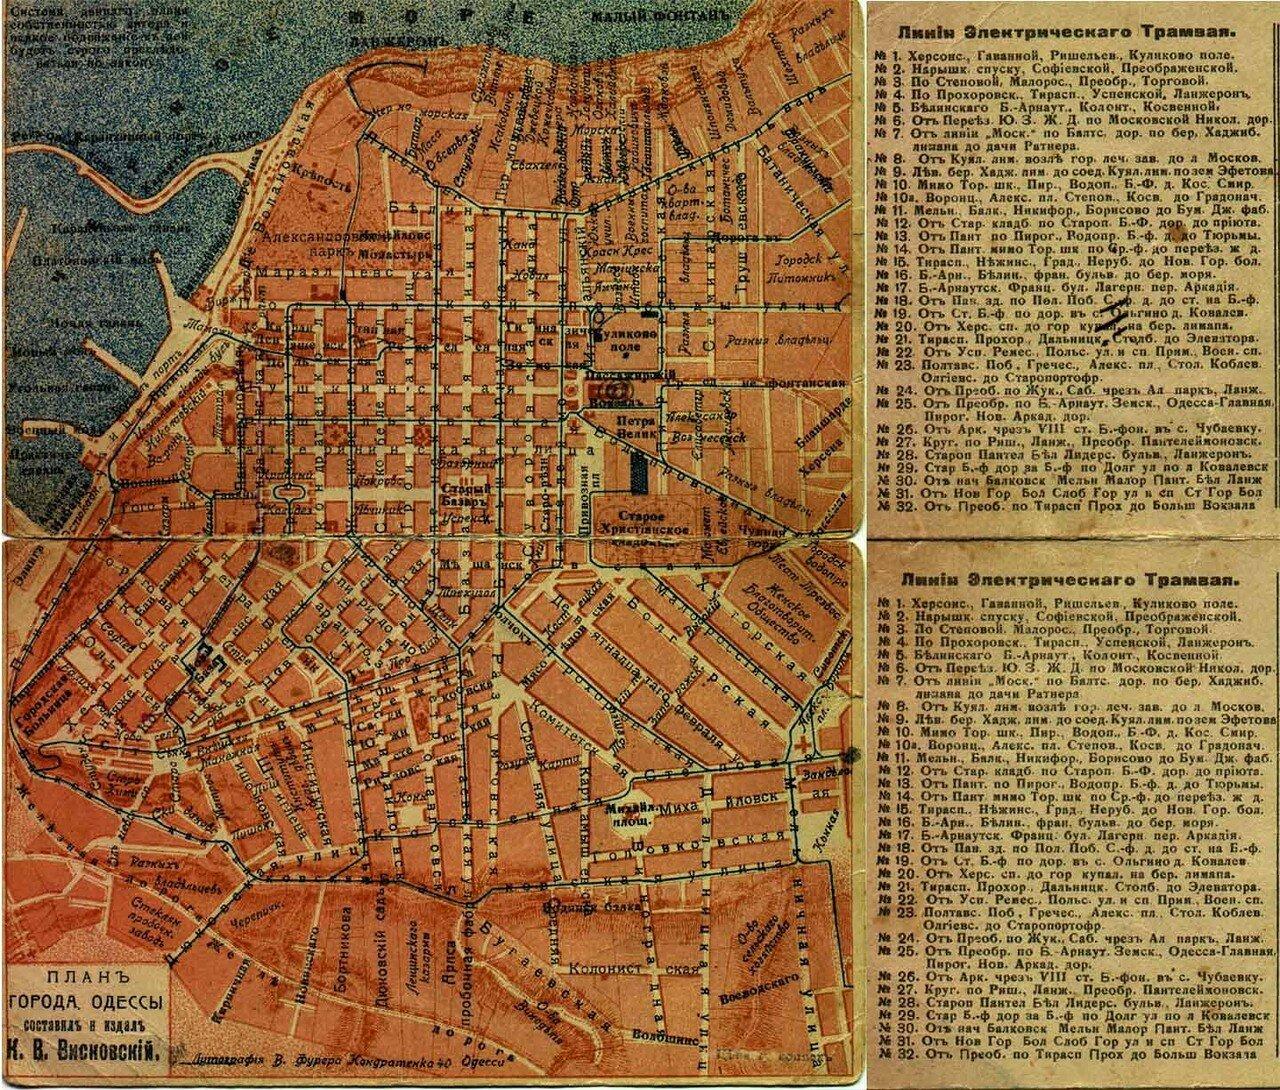 1917. План города и карта трамвайных линий